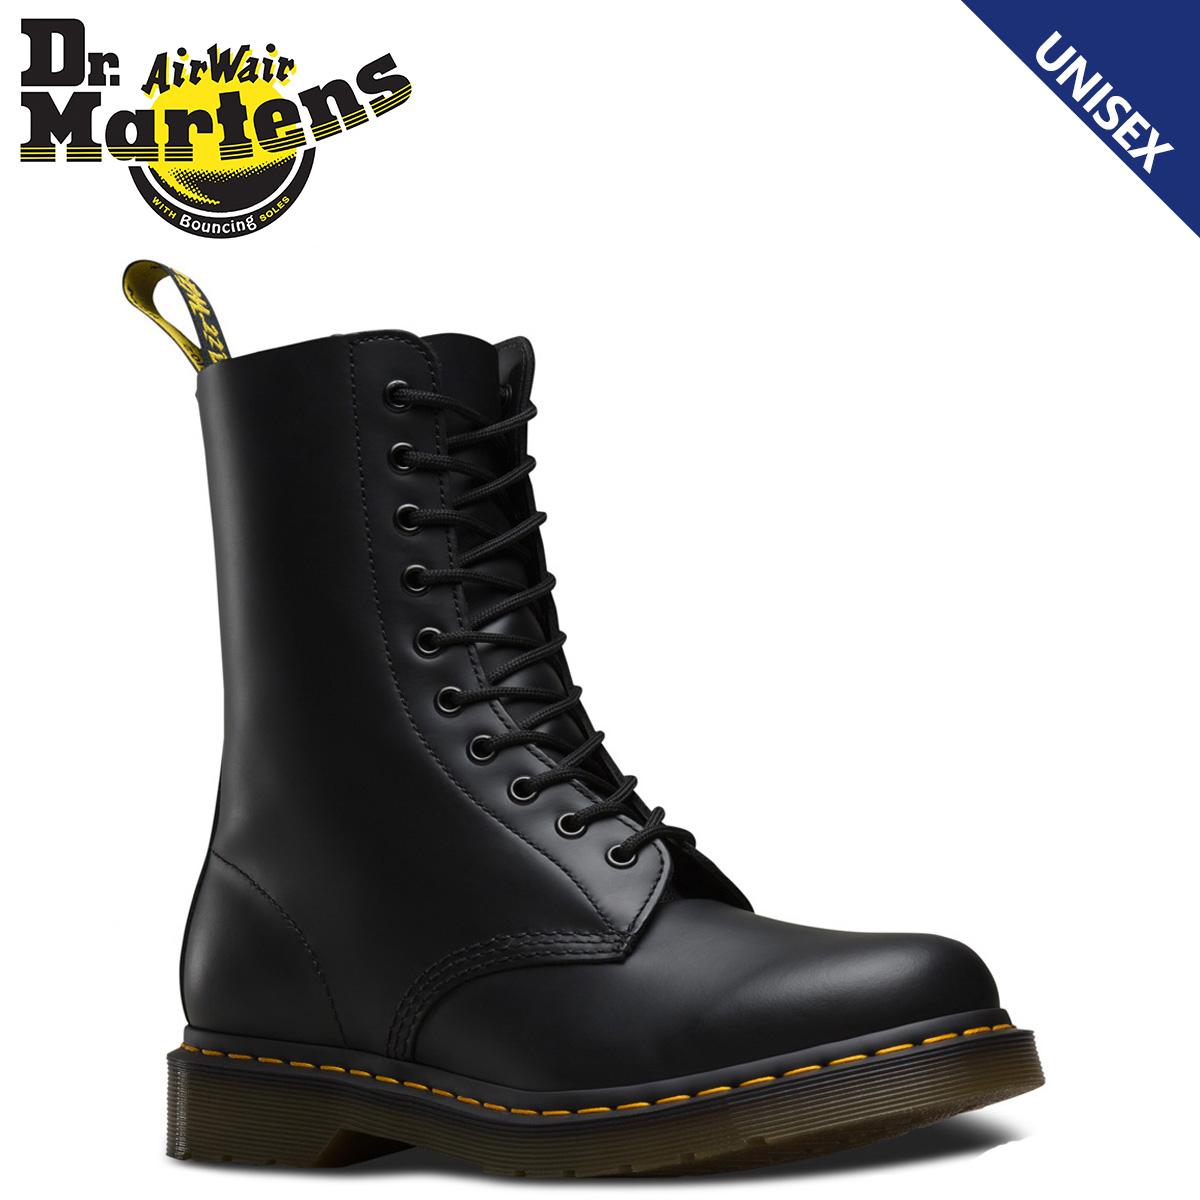 Dr.Martens ドクターマーチン 1490 10ホール ブーツ レディース WOMENS 10EYE BOOT R11858001 メンズ